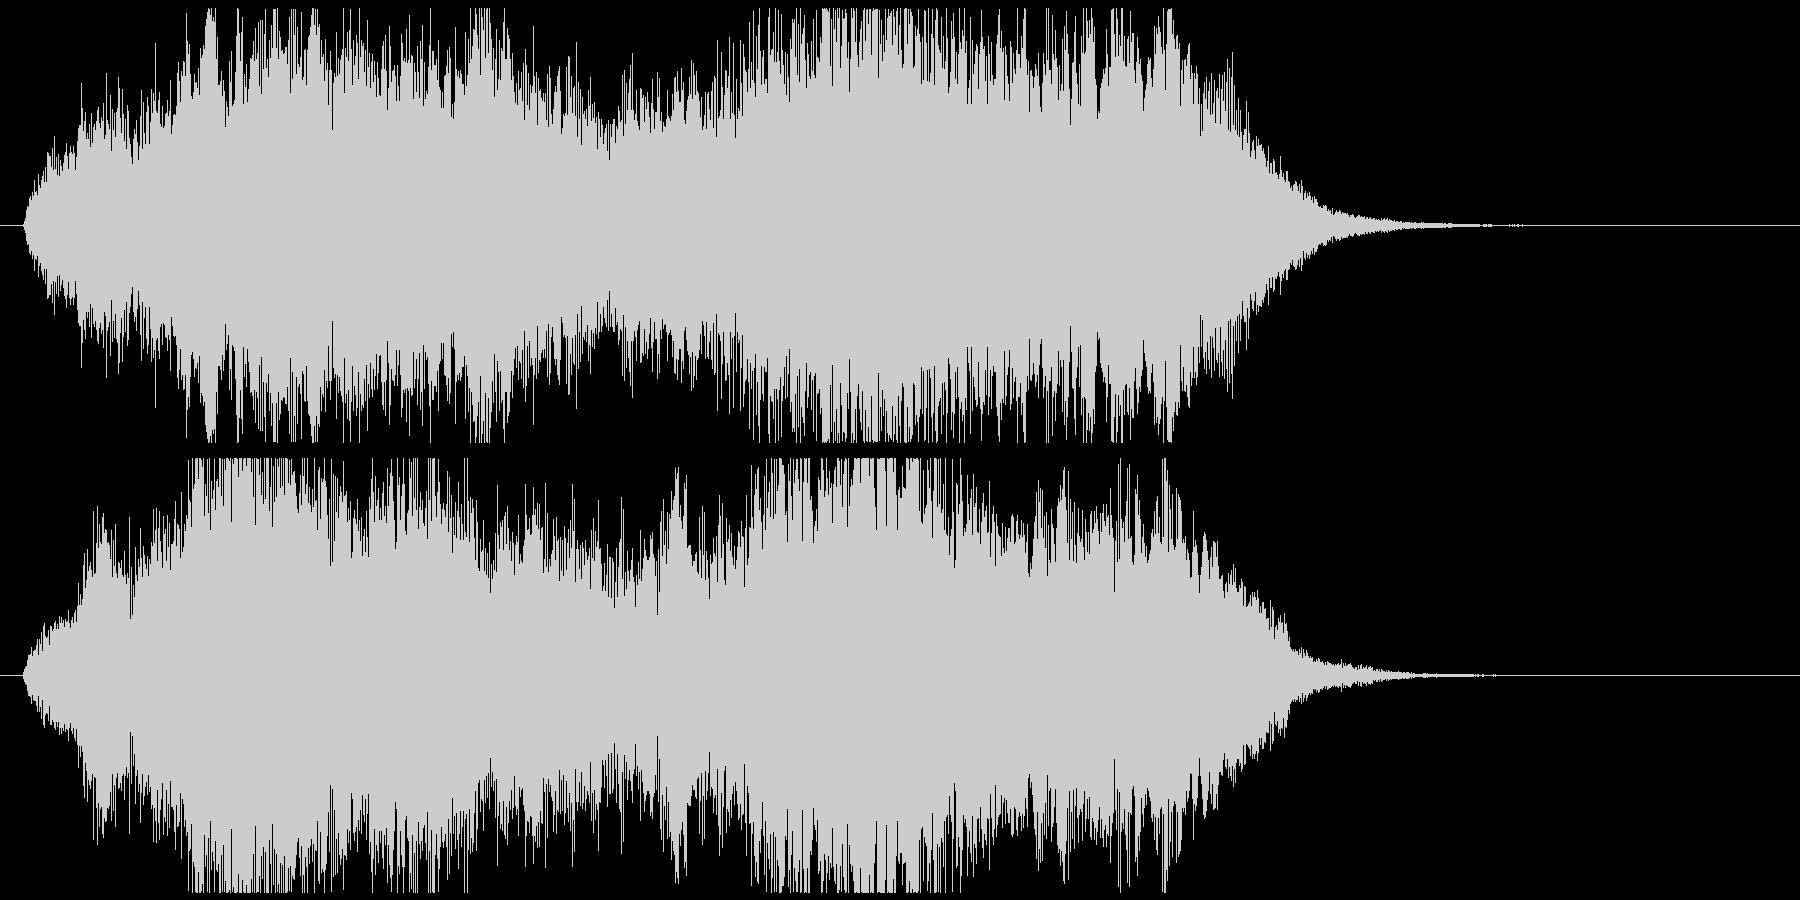 感動系のオーケストラジングルの未再生の波形